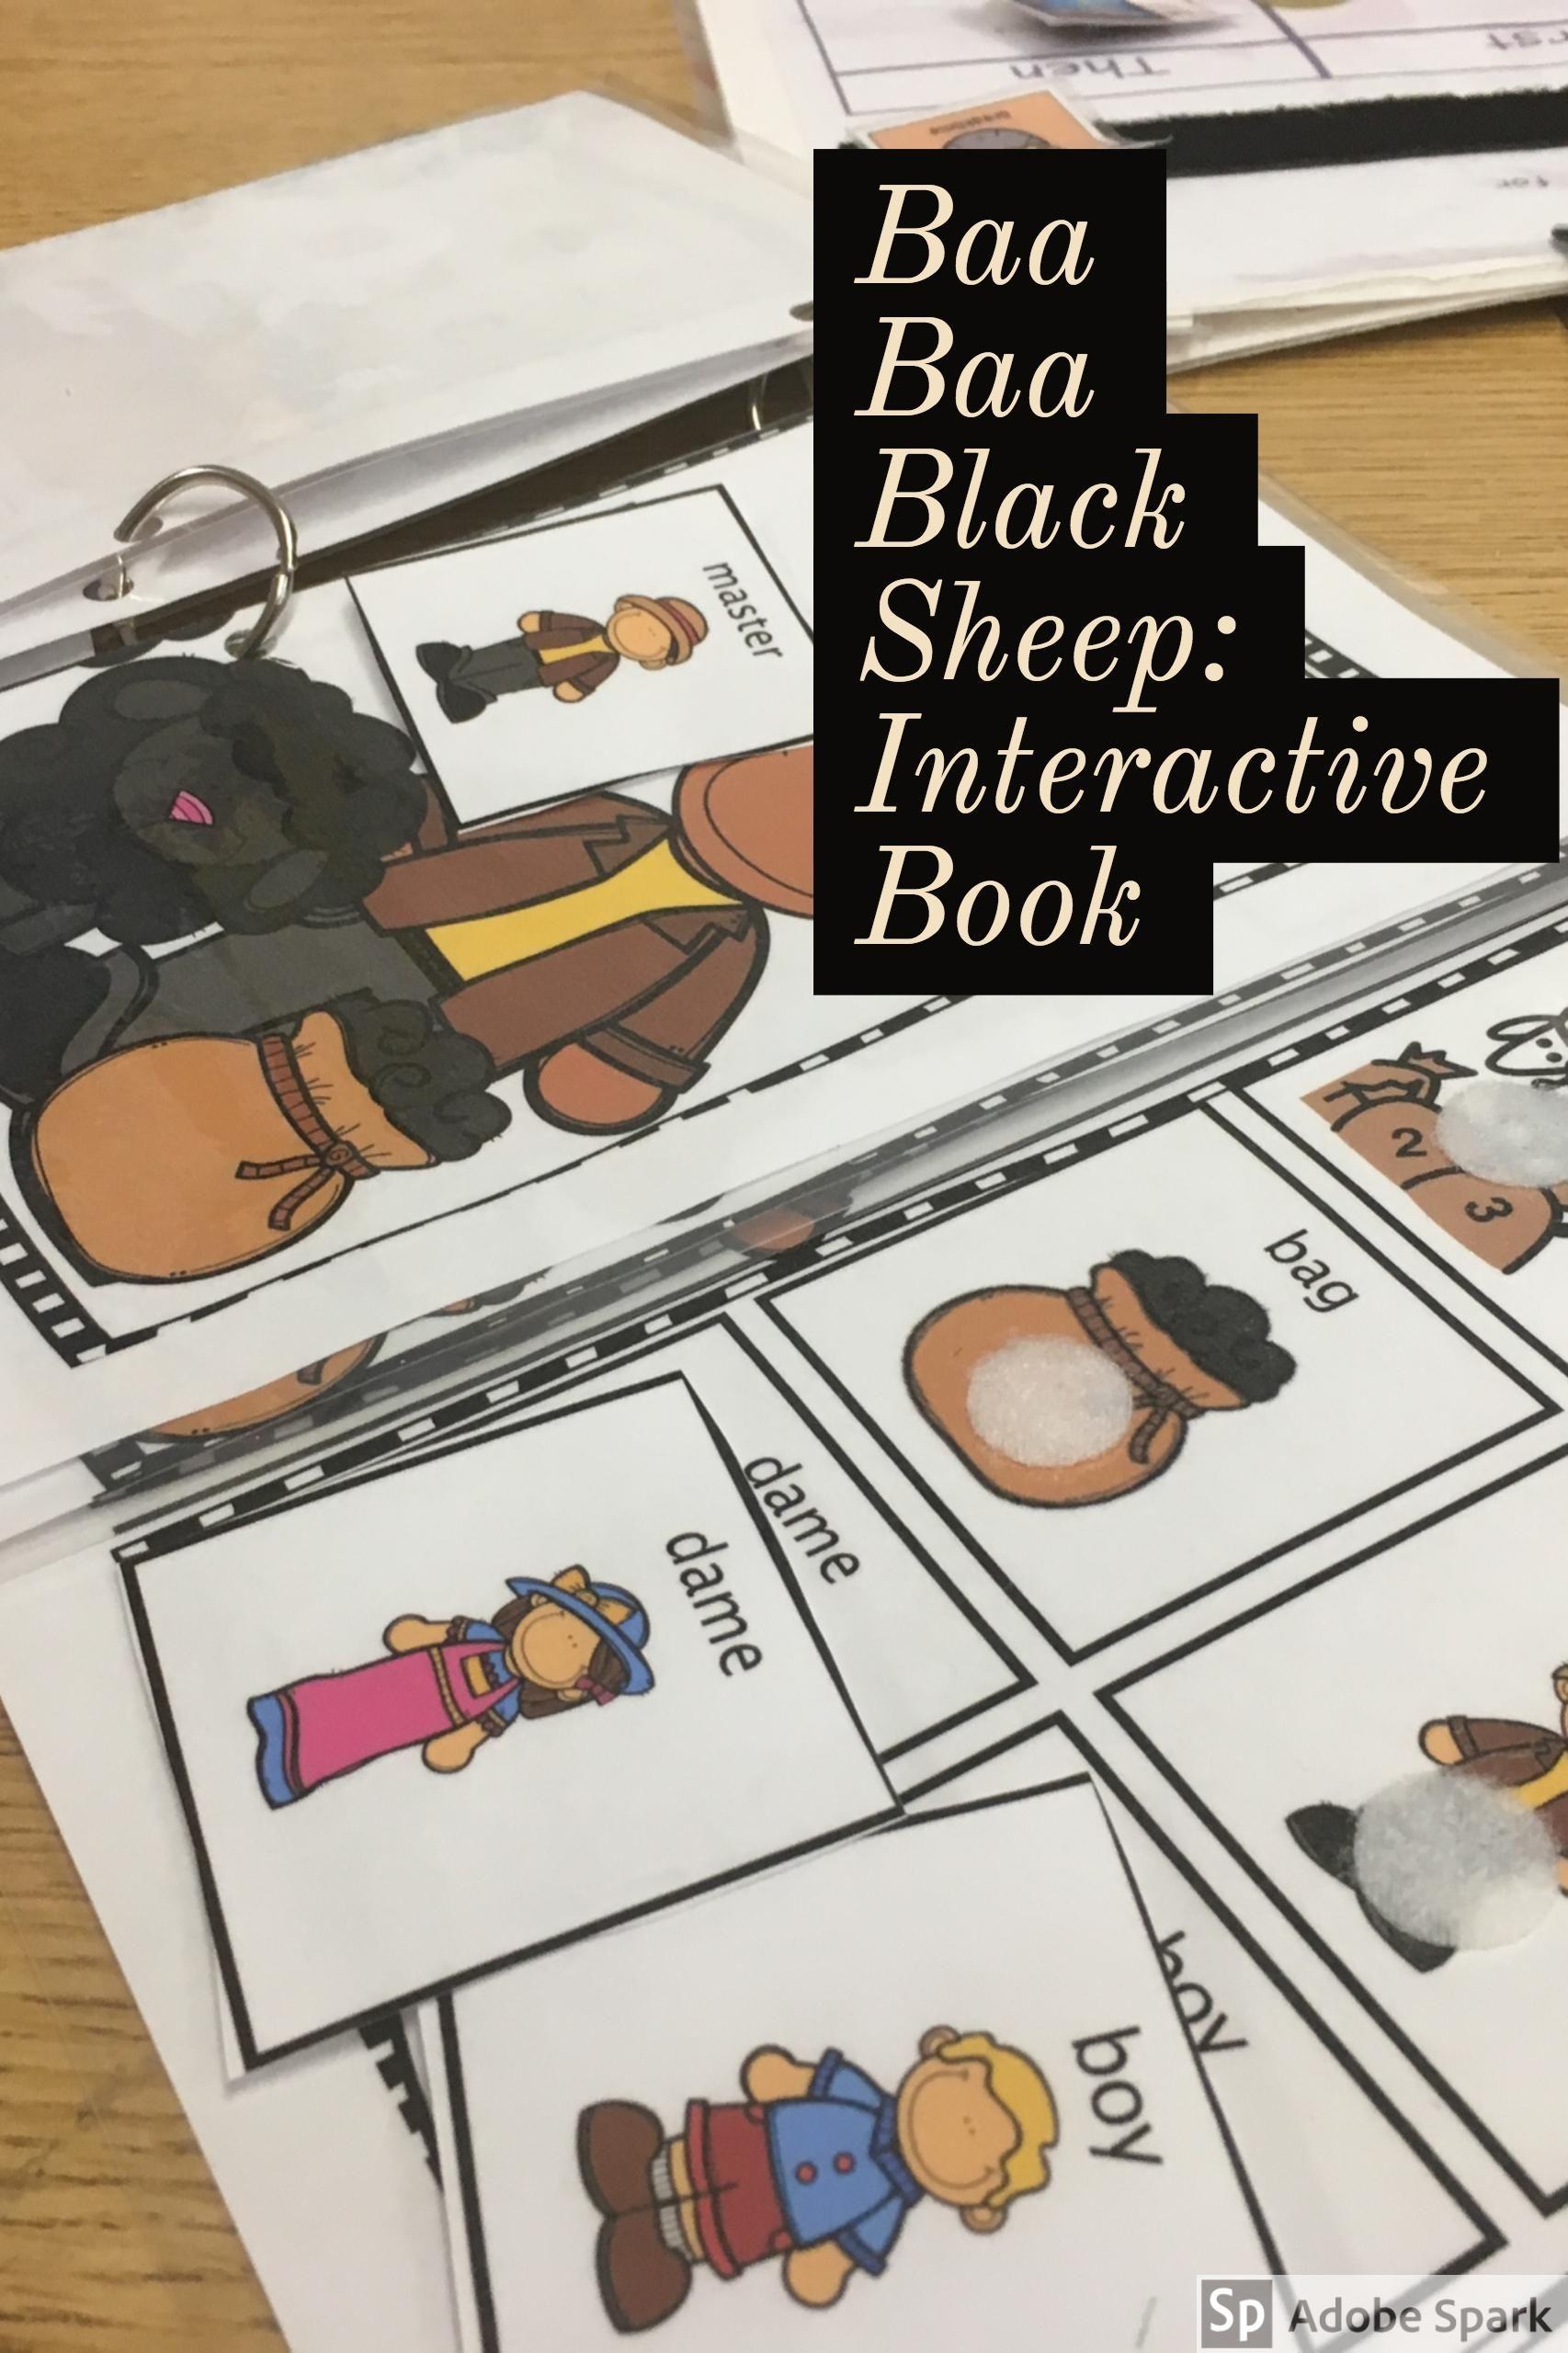 Nursery Rhyme Baa Baa Black Sheep Interactive Reader